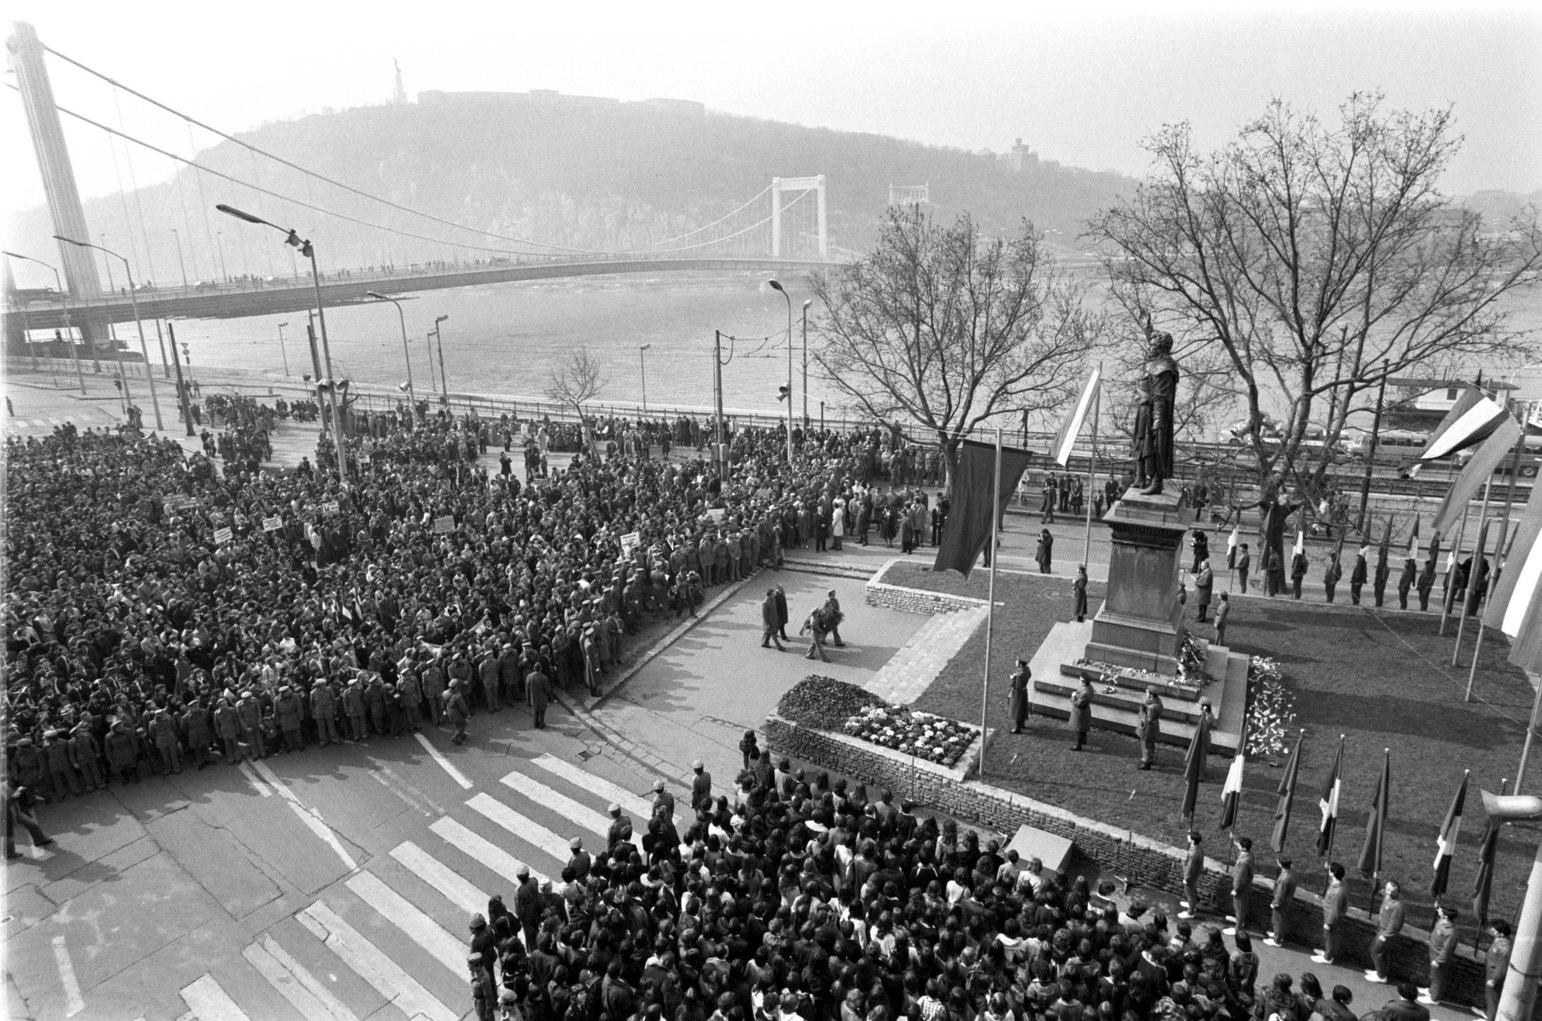 Budapest, 1979. március 15. Az 1848-49-es forradalom és szabadságharc évfordulója alkalmából március 15-én koszorúzási ünnepséget tartottak a Petőfi szobornál, majd a résztvevők átvonultak a Nemzeti Múzeumhoz, ahol nagygyűlésen emlékeztek meg az évfordulóról. A képen: koszorúzási ünnepség a Petőfi szobornál. MTI Fotó: Friedmann Endre